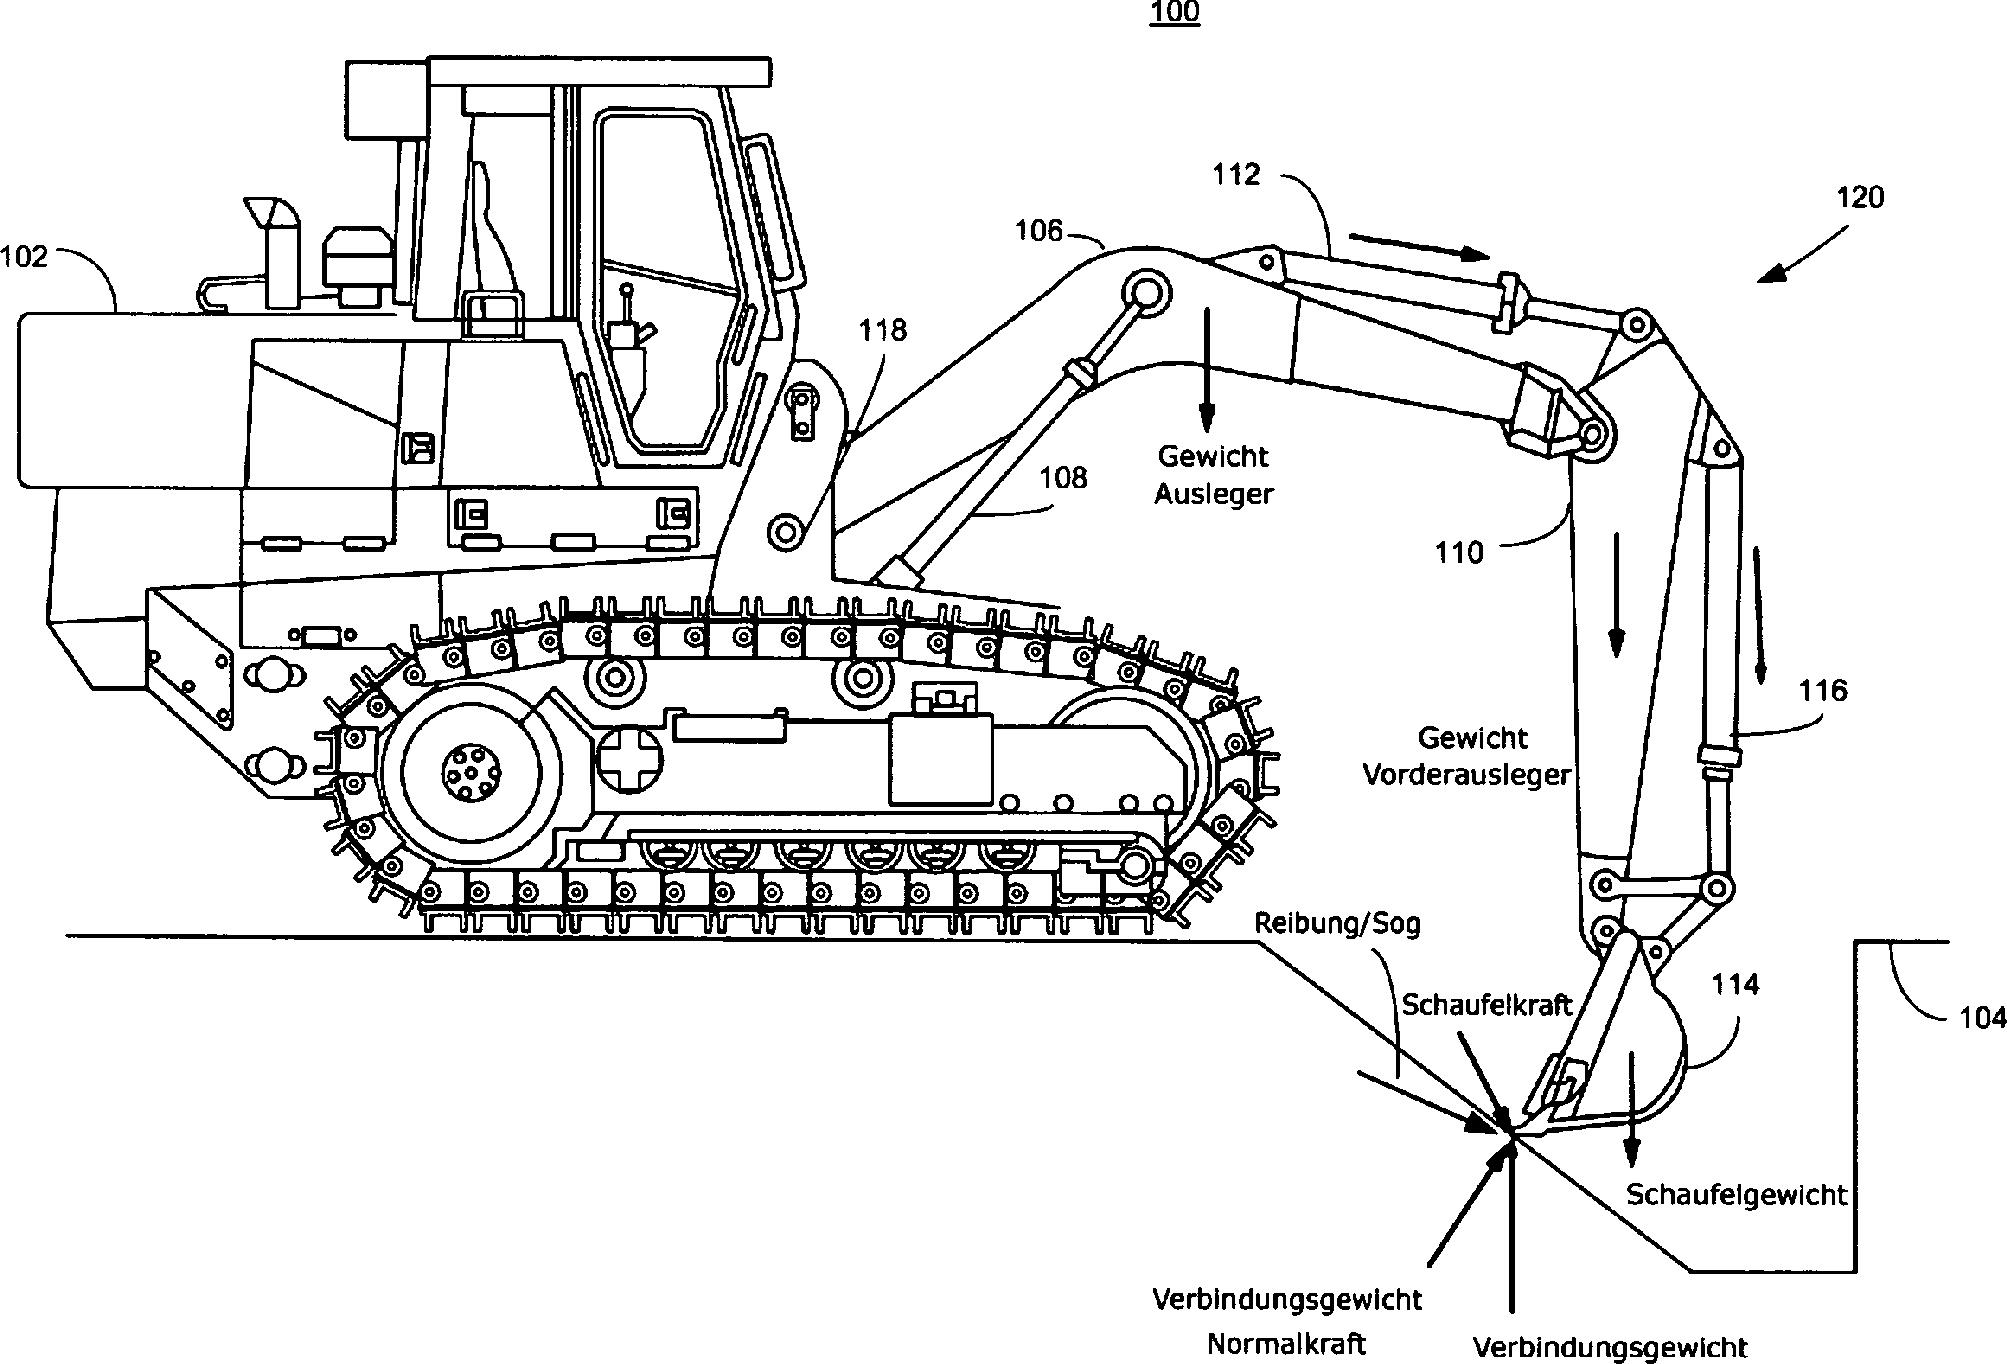 Figure DE112014003084B4_0001